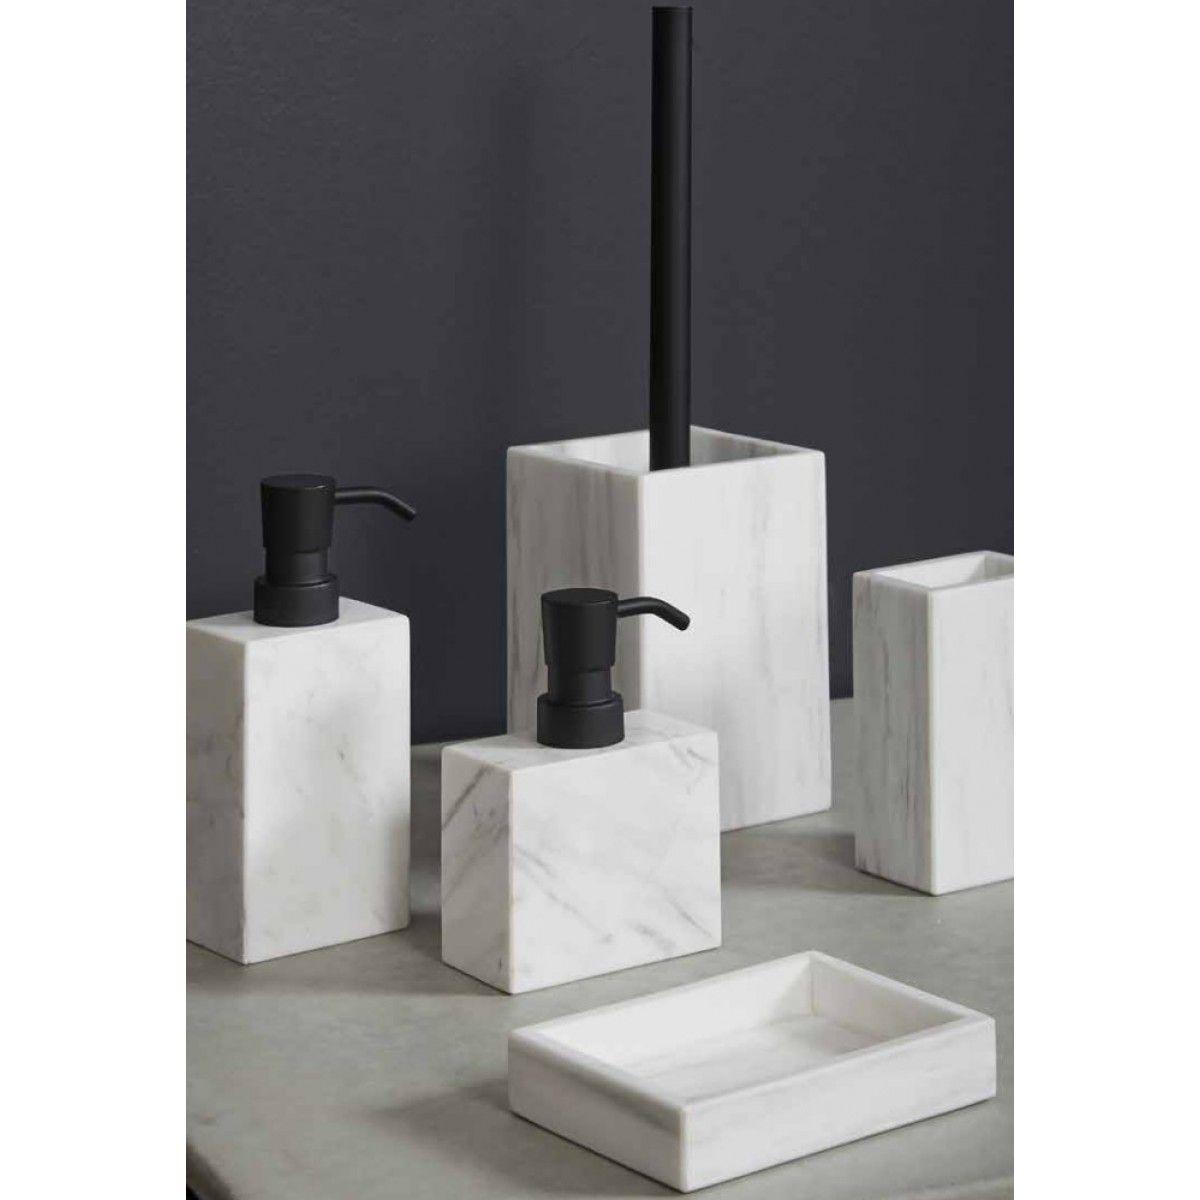 Marble Badkameraccessoires 100 Natuurlijke Griekse Witte Marmer Badkameraccessoires Badkam Marble Bathroom Accessories Modern Bathroom Tile Restroom Decor